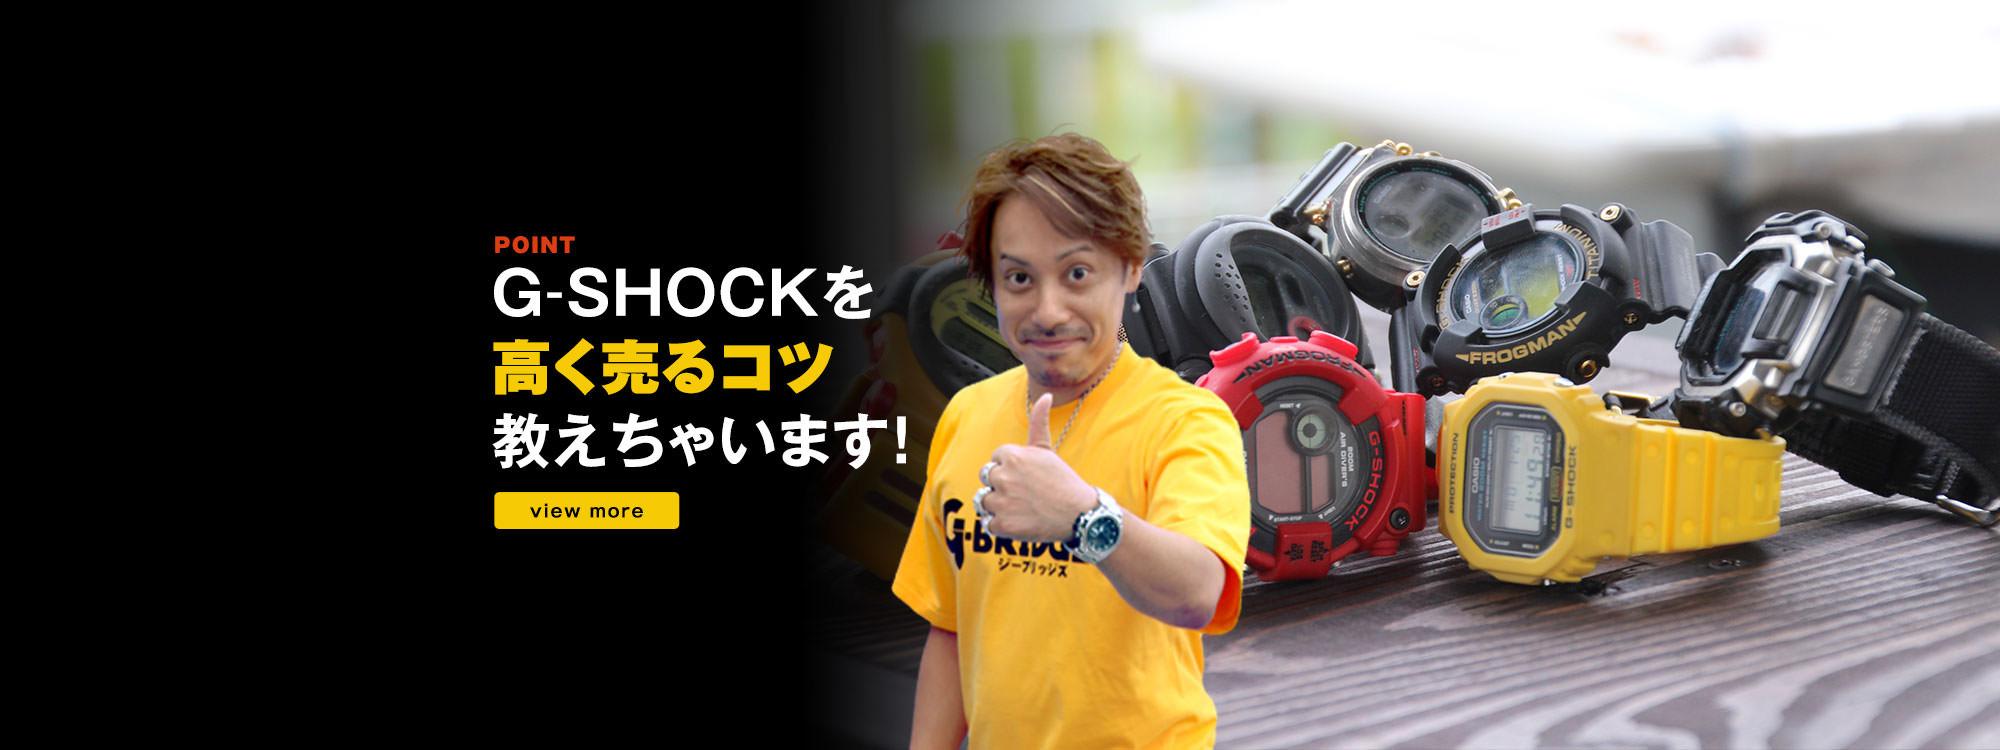 G-SHOCKを高く売るコツ教えちゃいます!